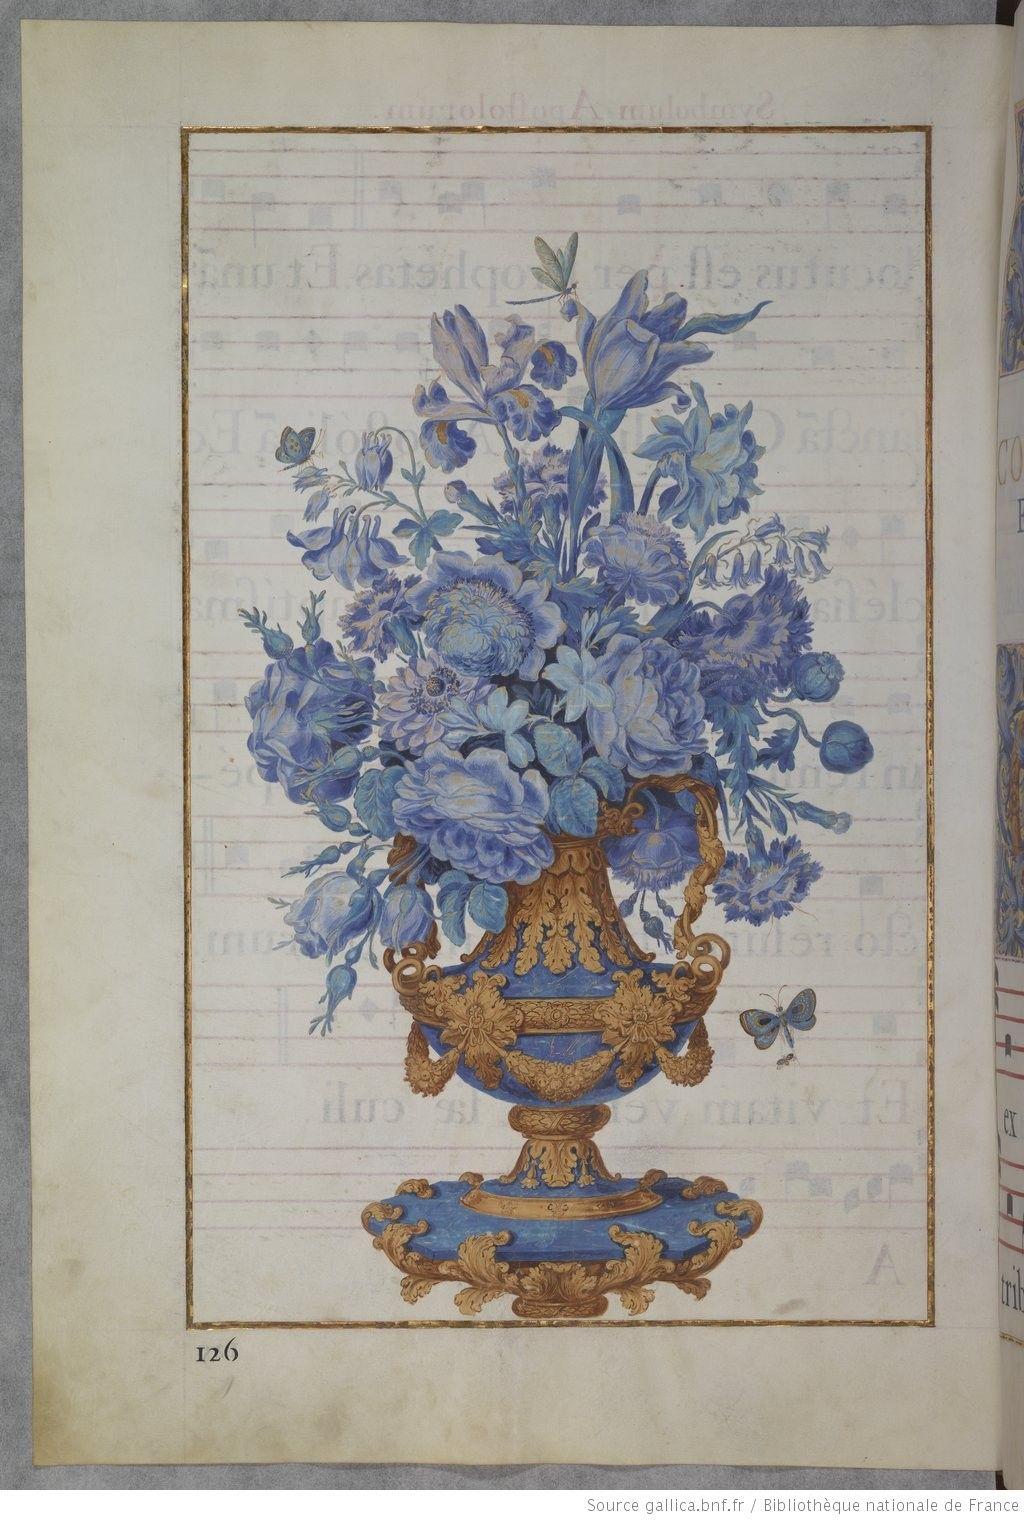 Graduale et antiphonale ad usum S.Ludovici domus regiae Versaliensis. | Gallica